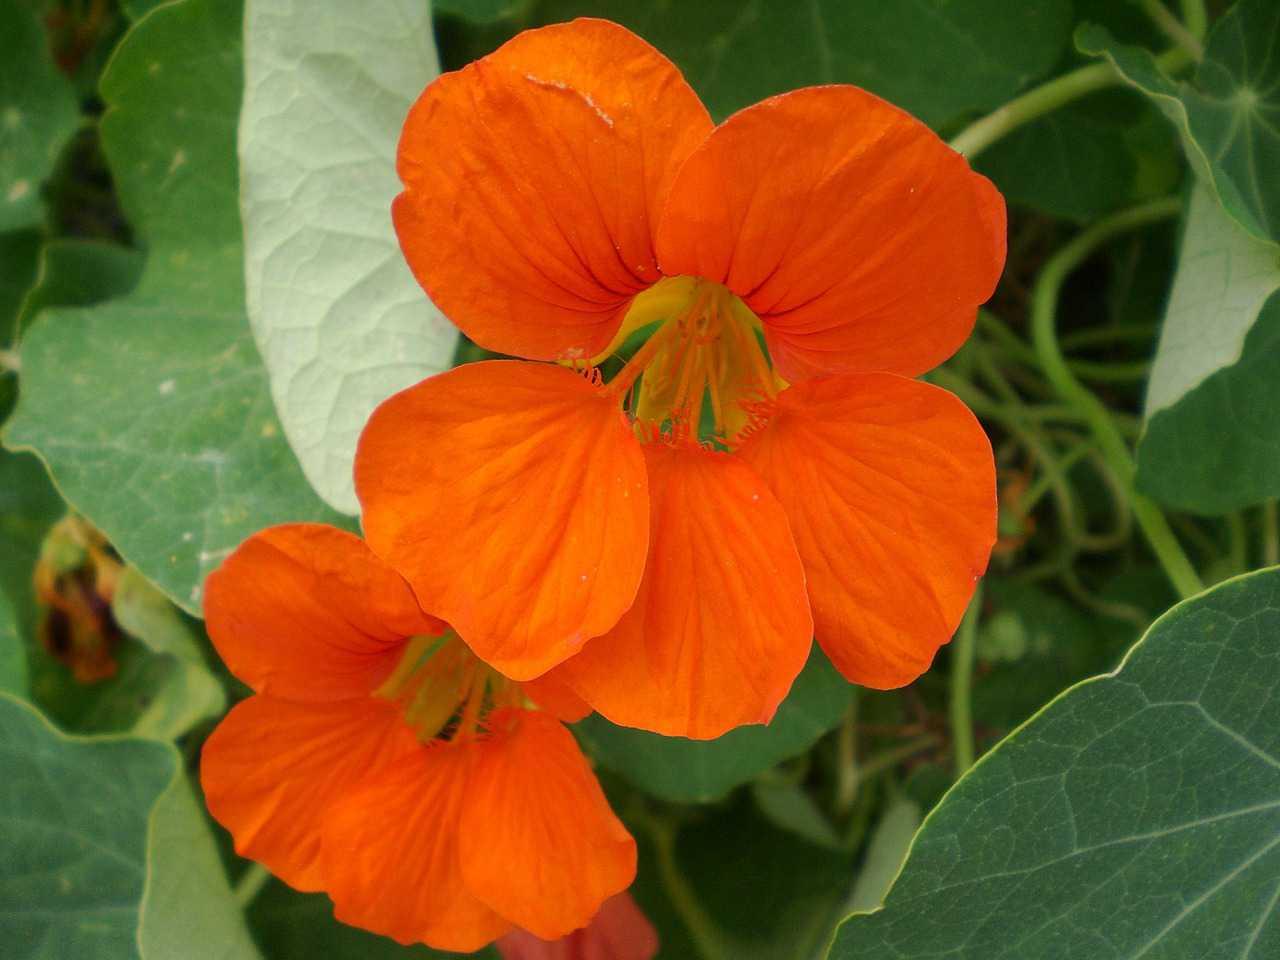 hoa sen cạn thể hiện sự manh mẽ